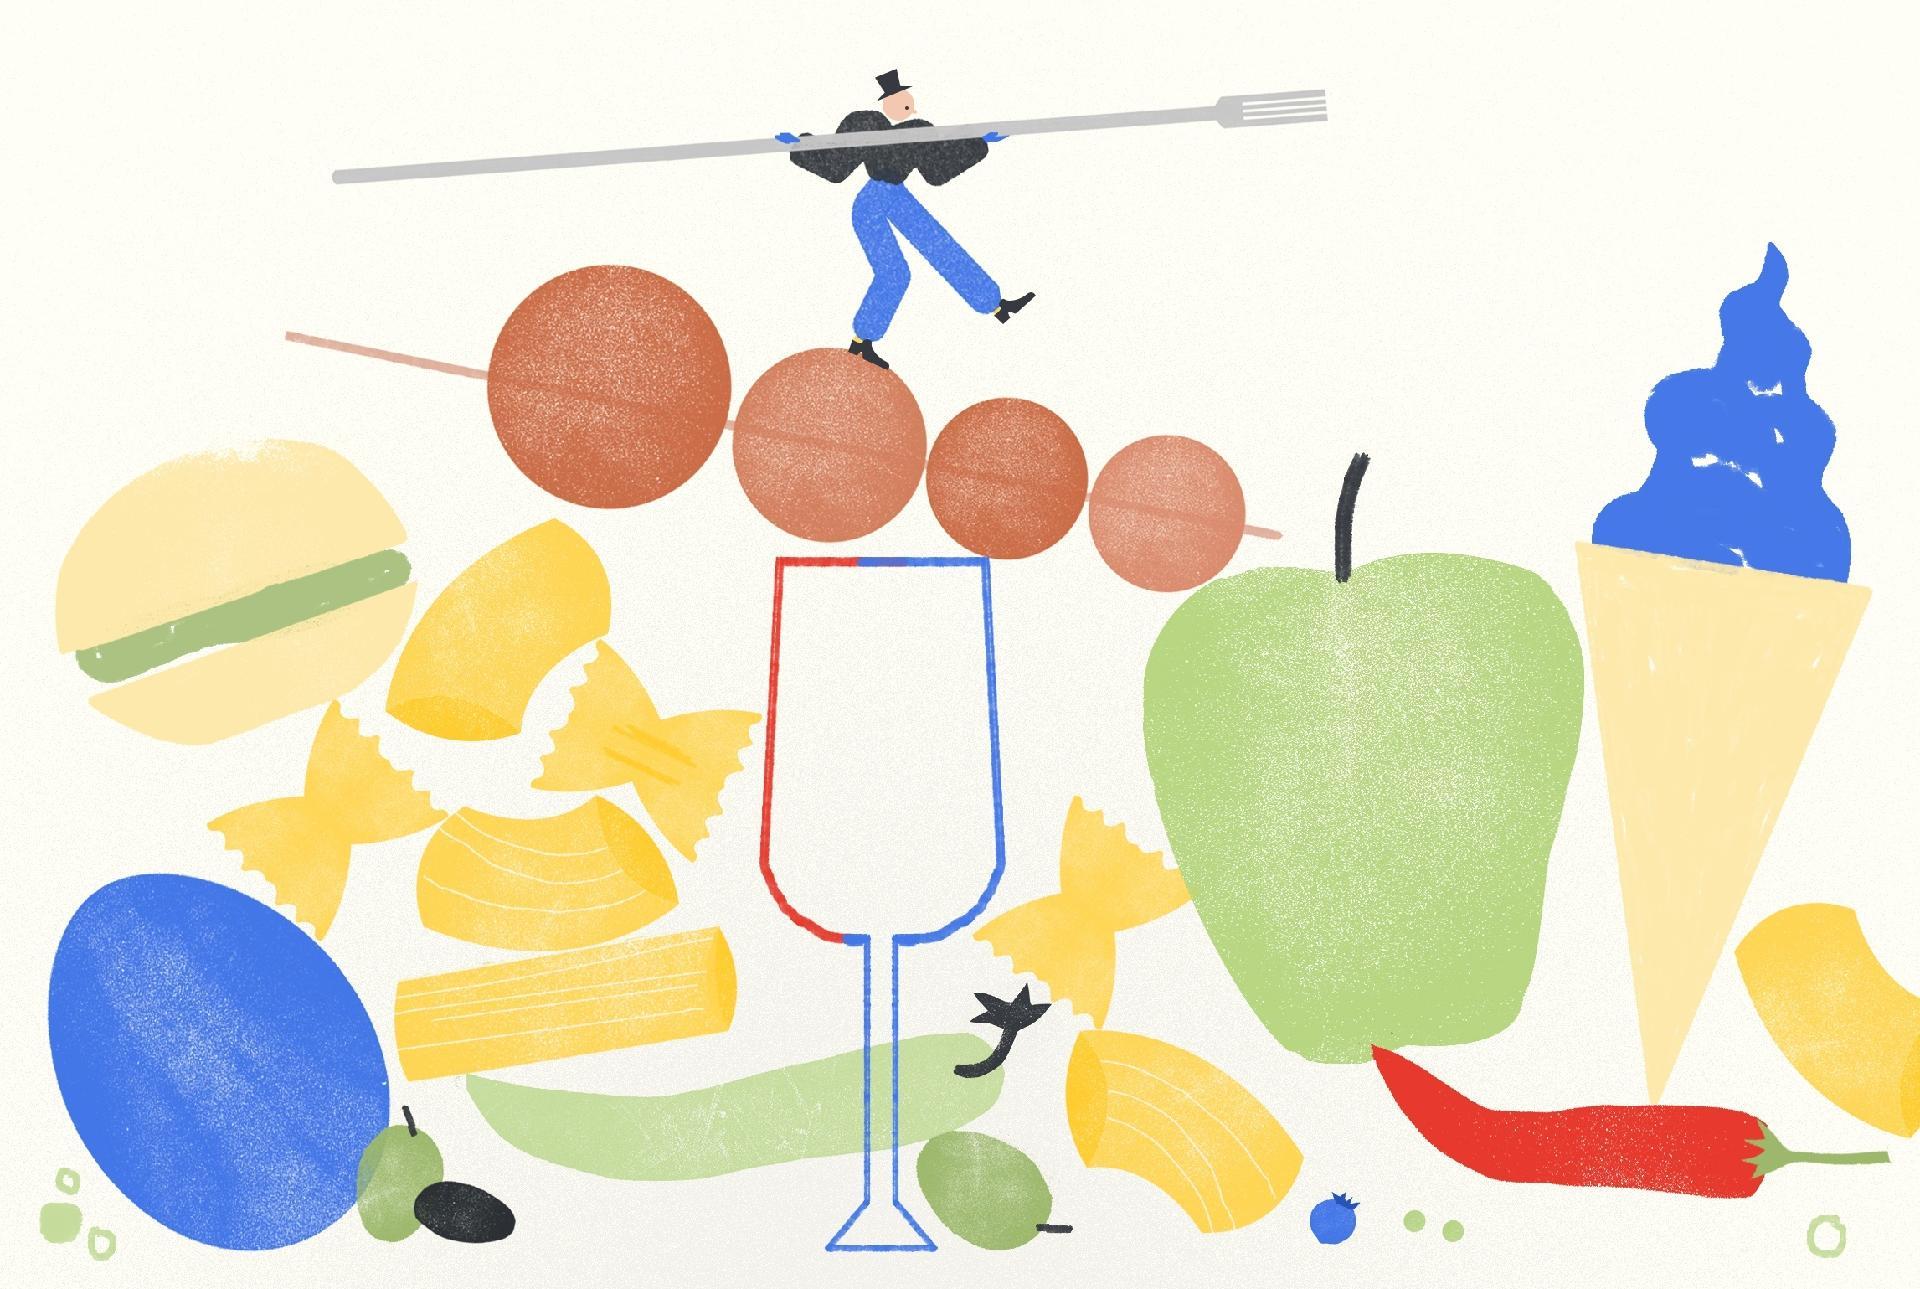 Cientistas debatem relação entre dieta e perda de peso  veja as conclusões  - 17 12 2018 - UOL VivaBem bb6115f9905